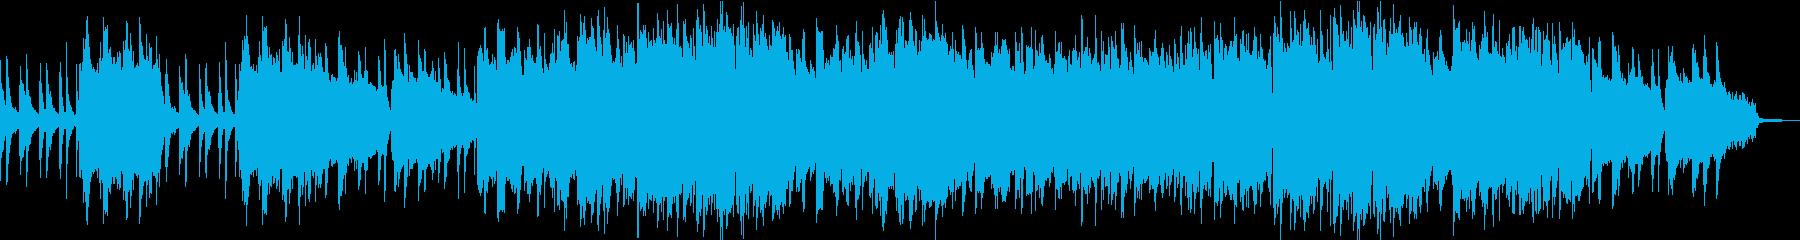 しっとり落ち着いたビッグバンドバラードの再生済みの波形